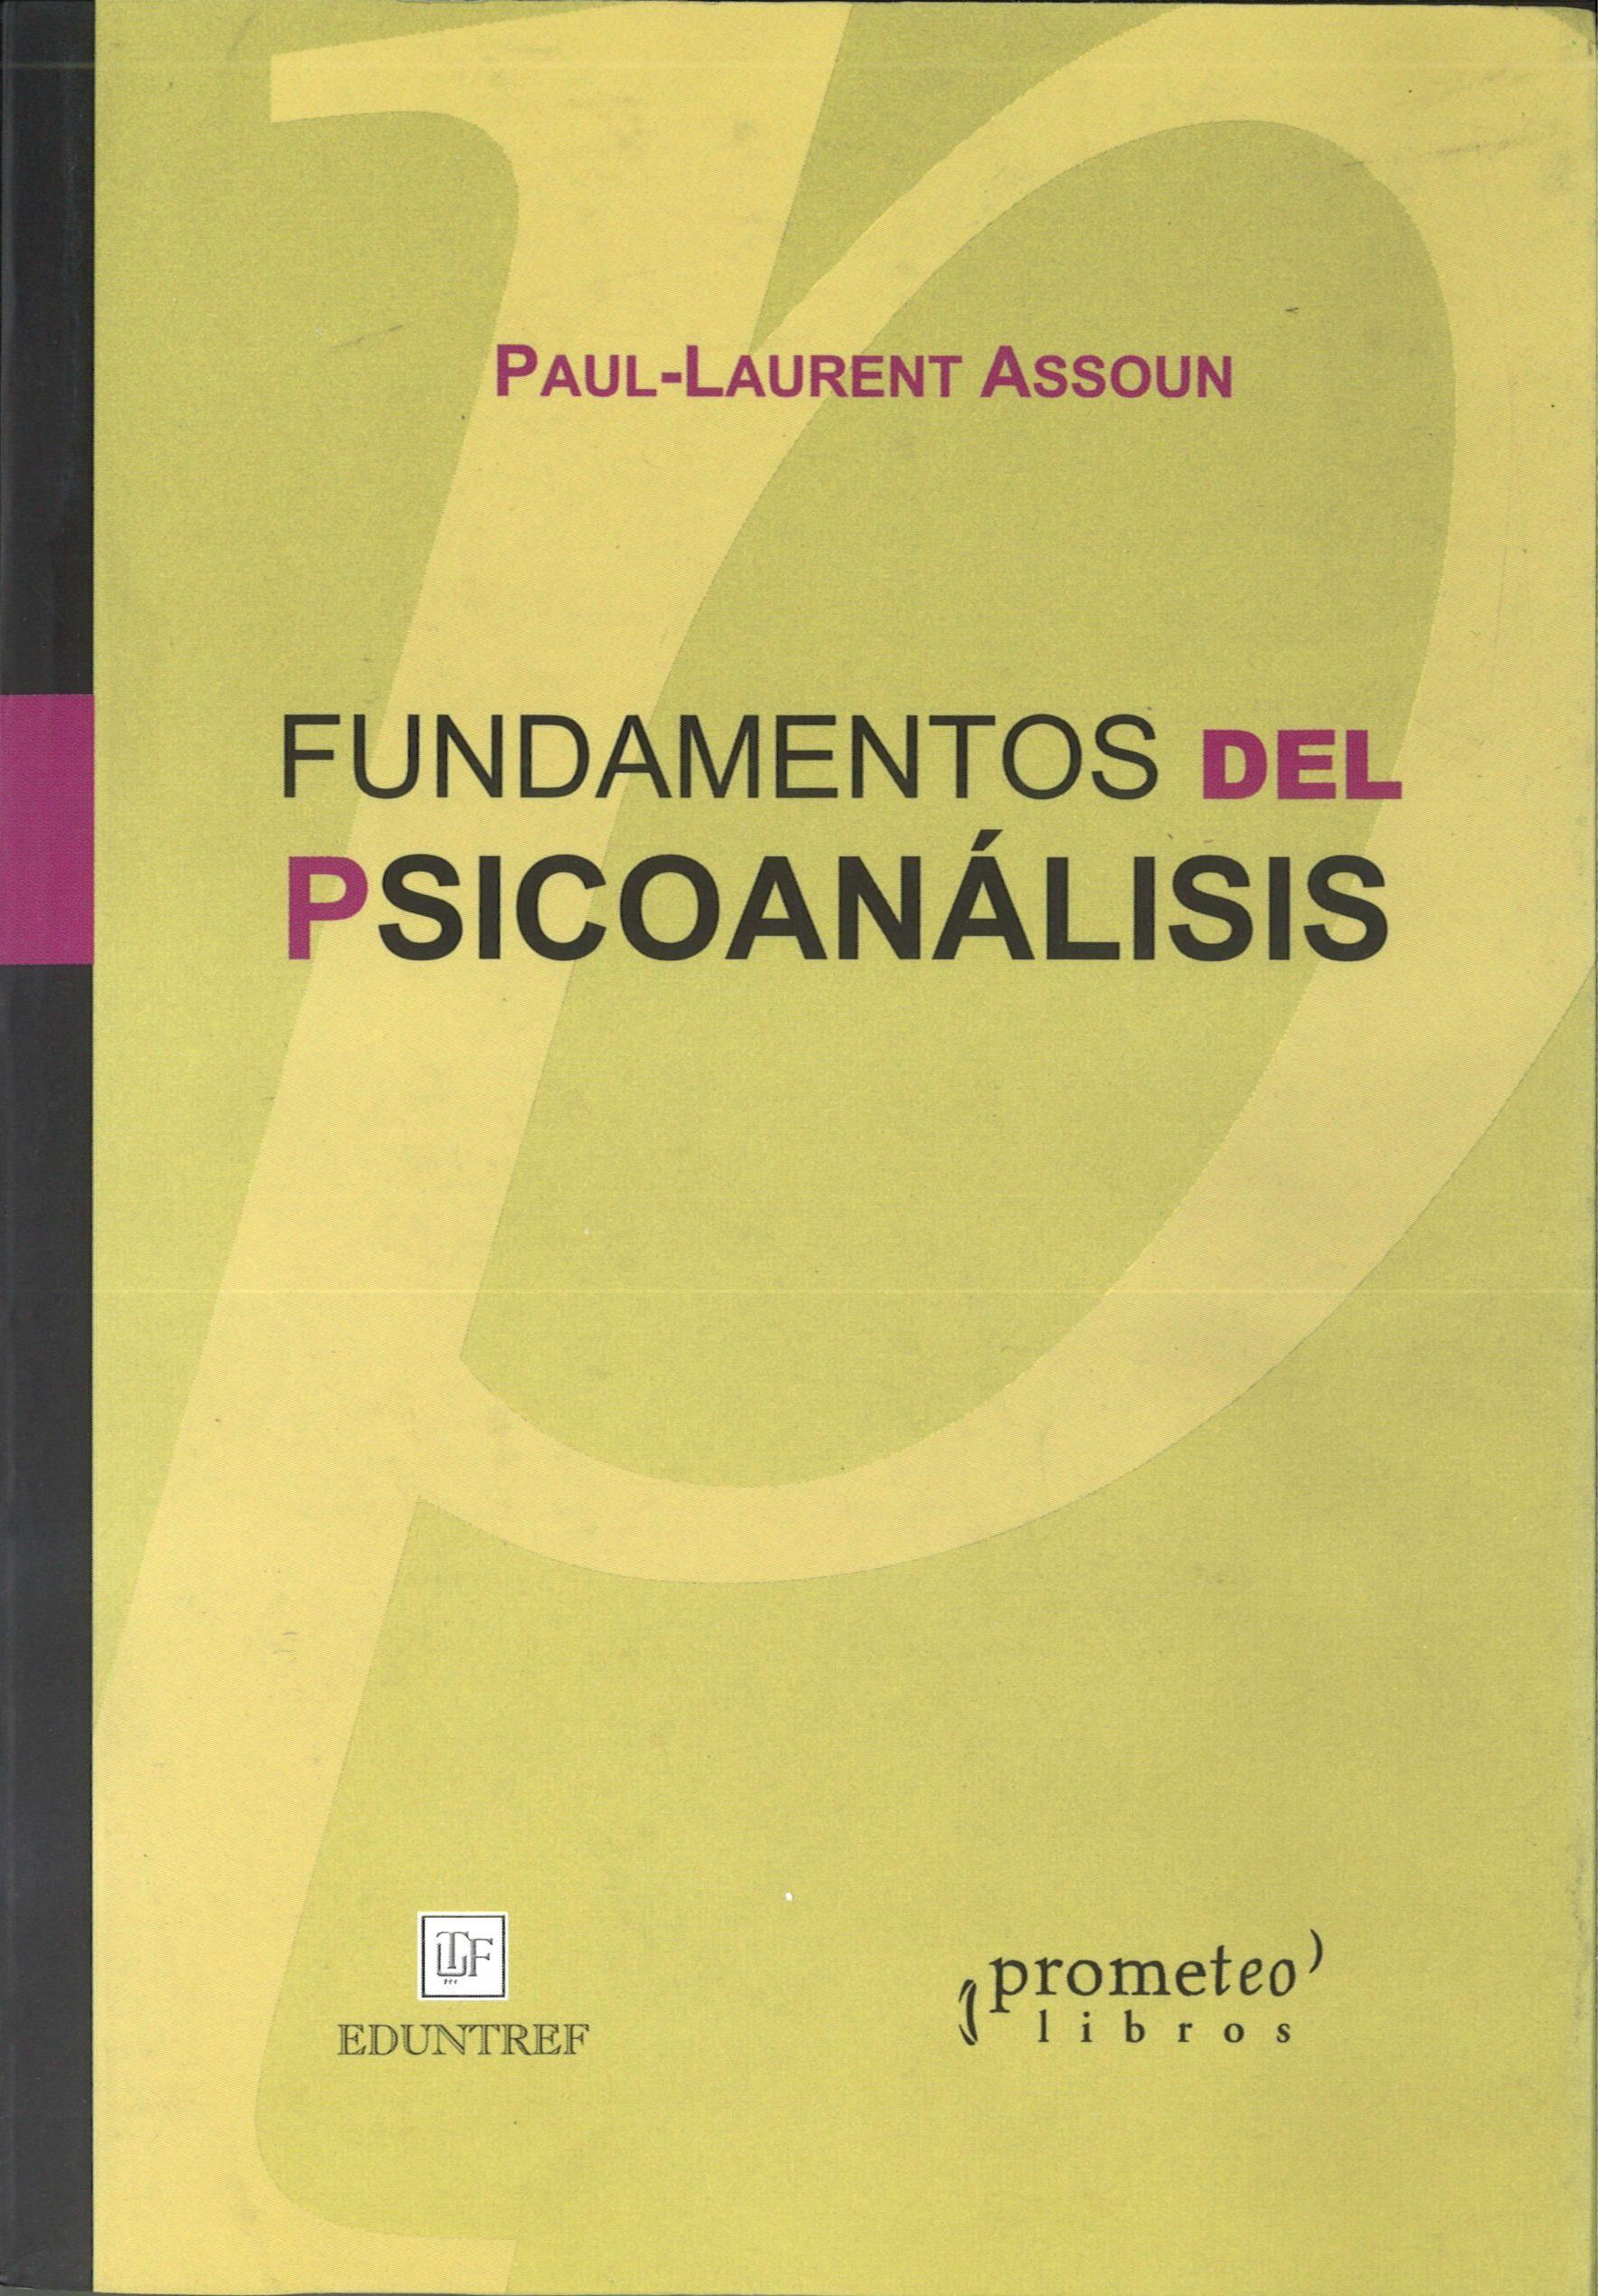 Fundamentos Del Psicoanalisis por Paul-laurent Assoun